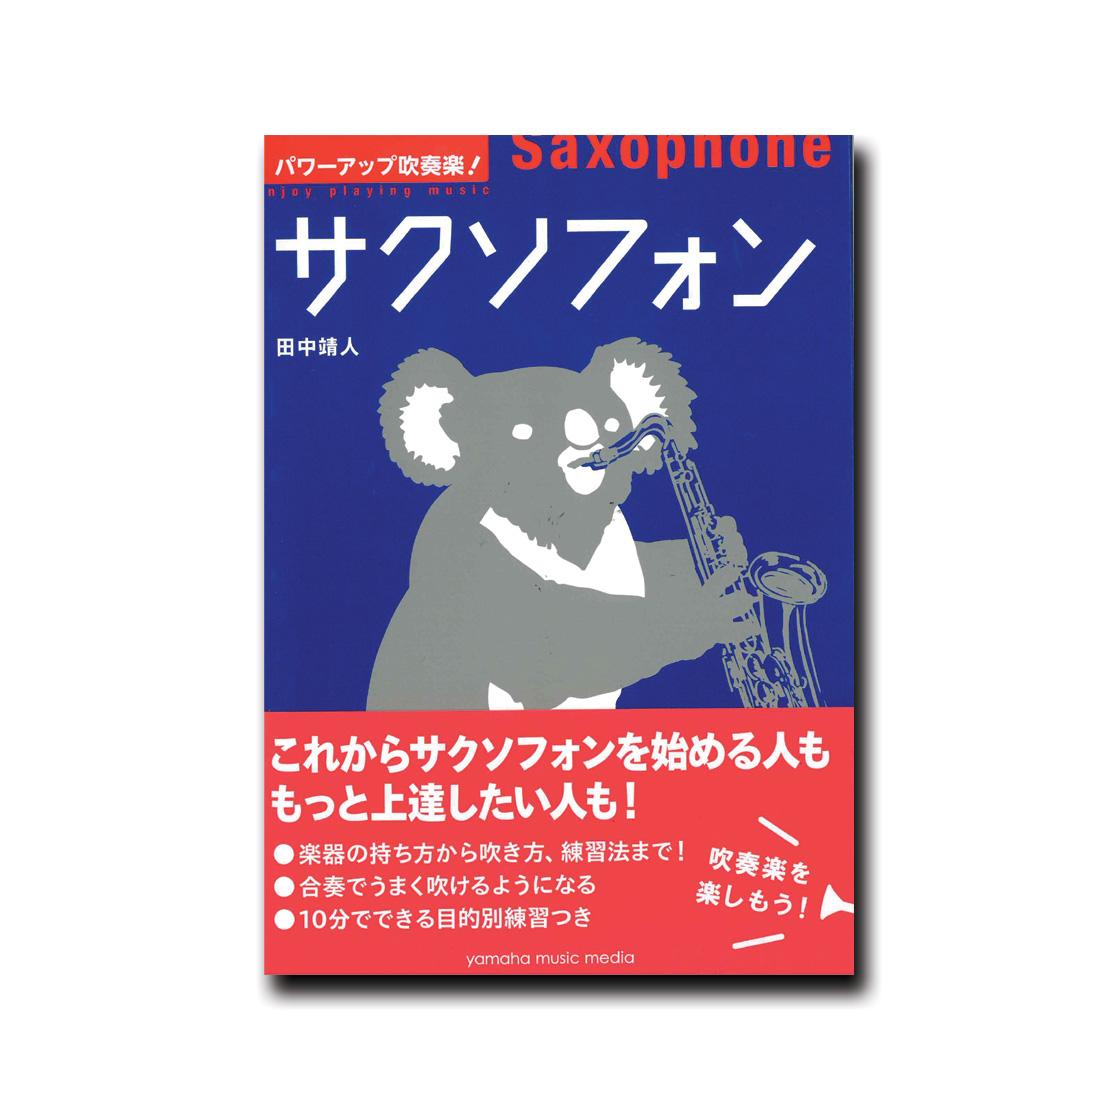 レンタル特典に含まれる教則本【パワーアップ吹奏楽!サクソフォン】は、これからサックスを始める人も、もっと上達したい人も使える教則本です。楽器の持ち方から吹き方、基本的なテクニックから上達のための短時間練習法も紹介されています。